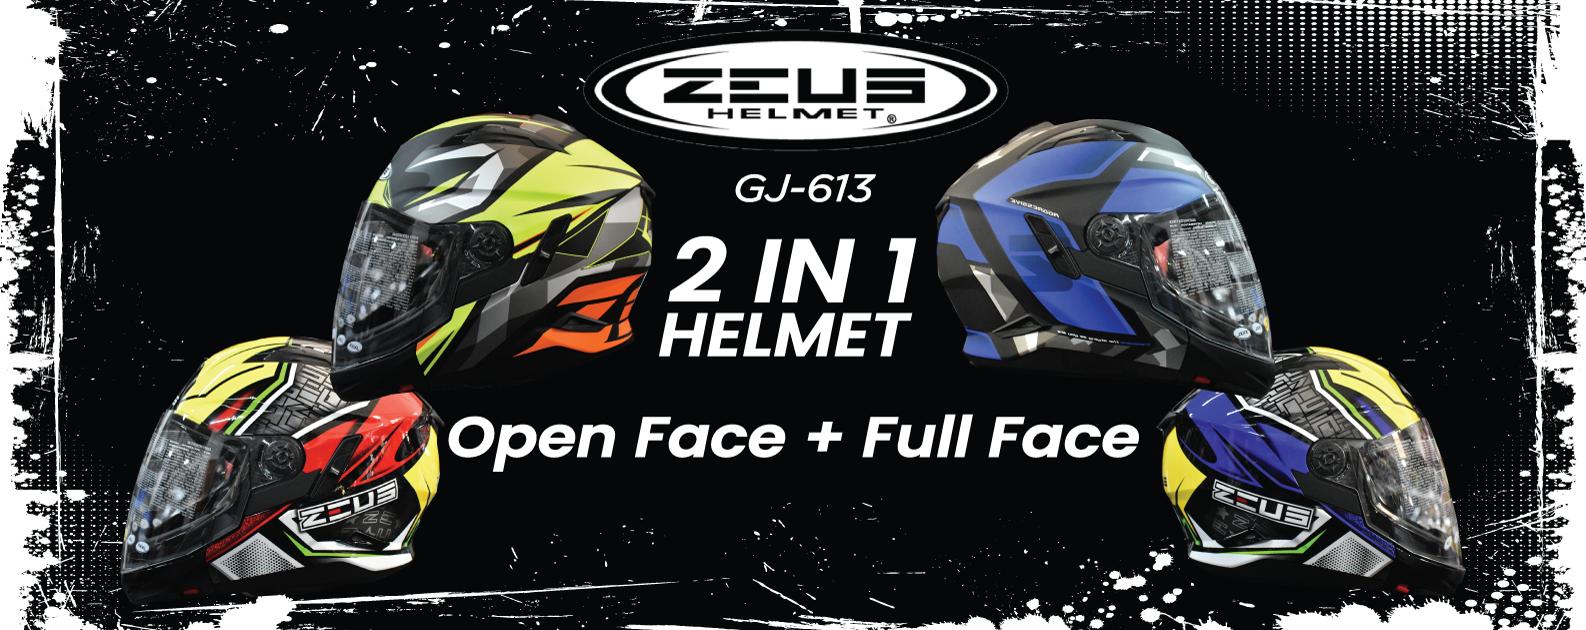 Zeus Helmet GJ-613